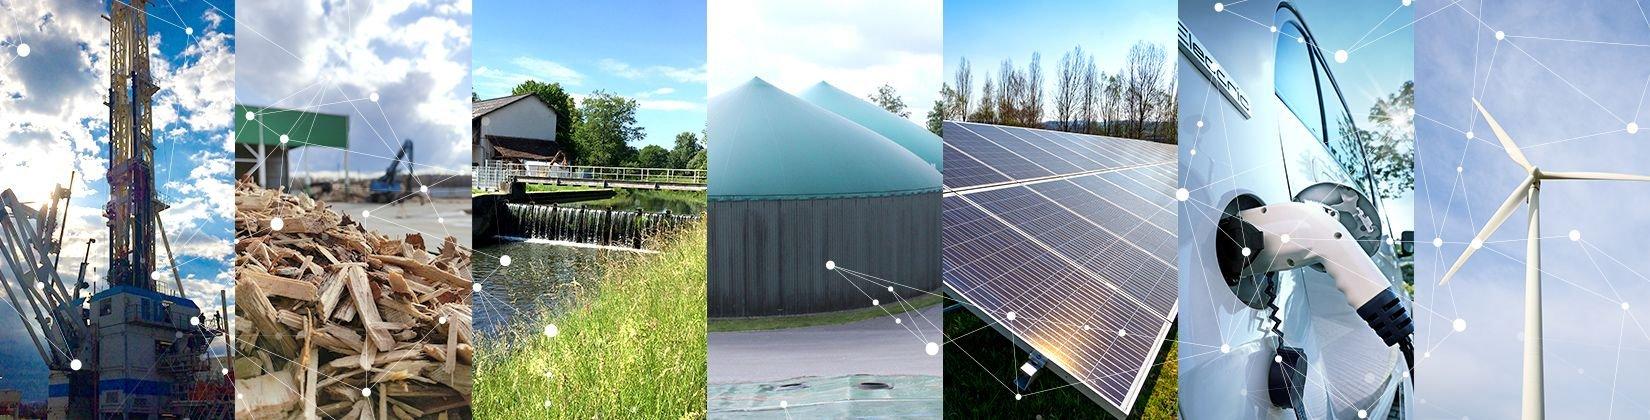 Bild Erneuerbare Energien